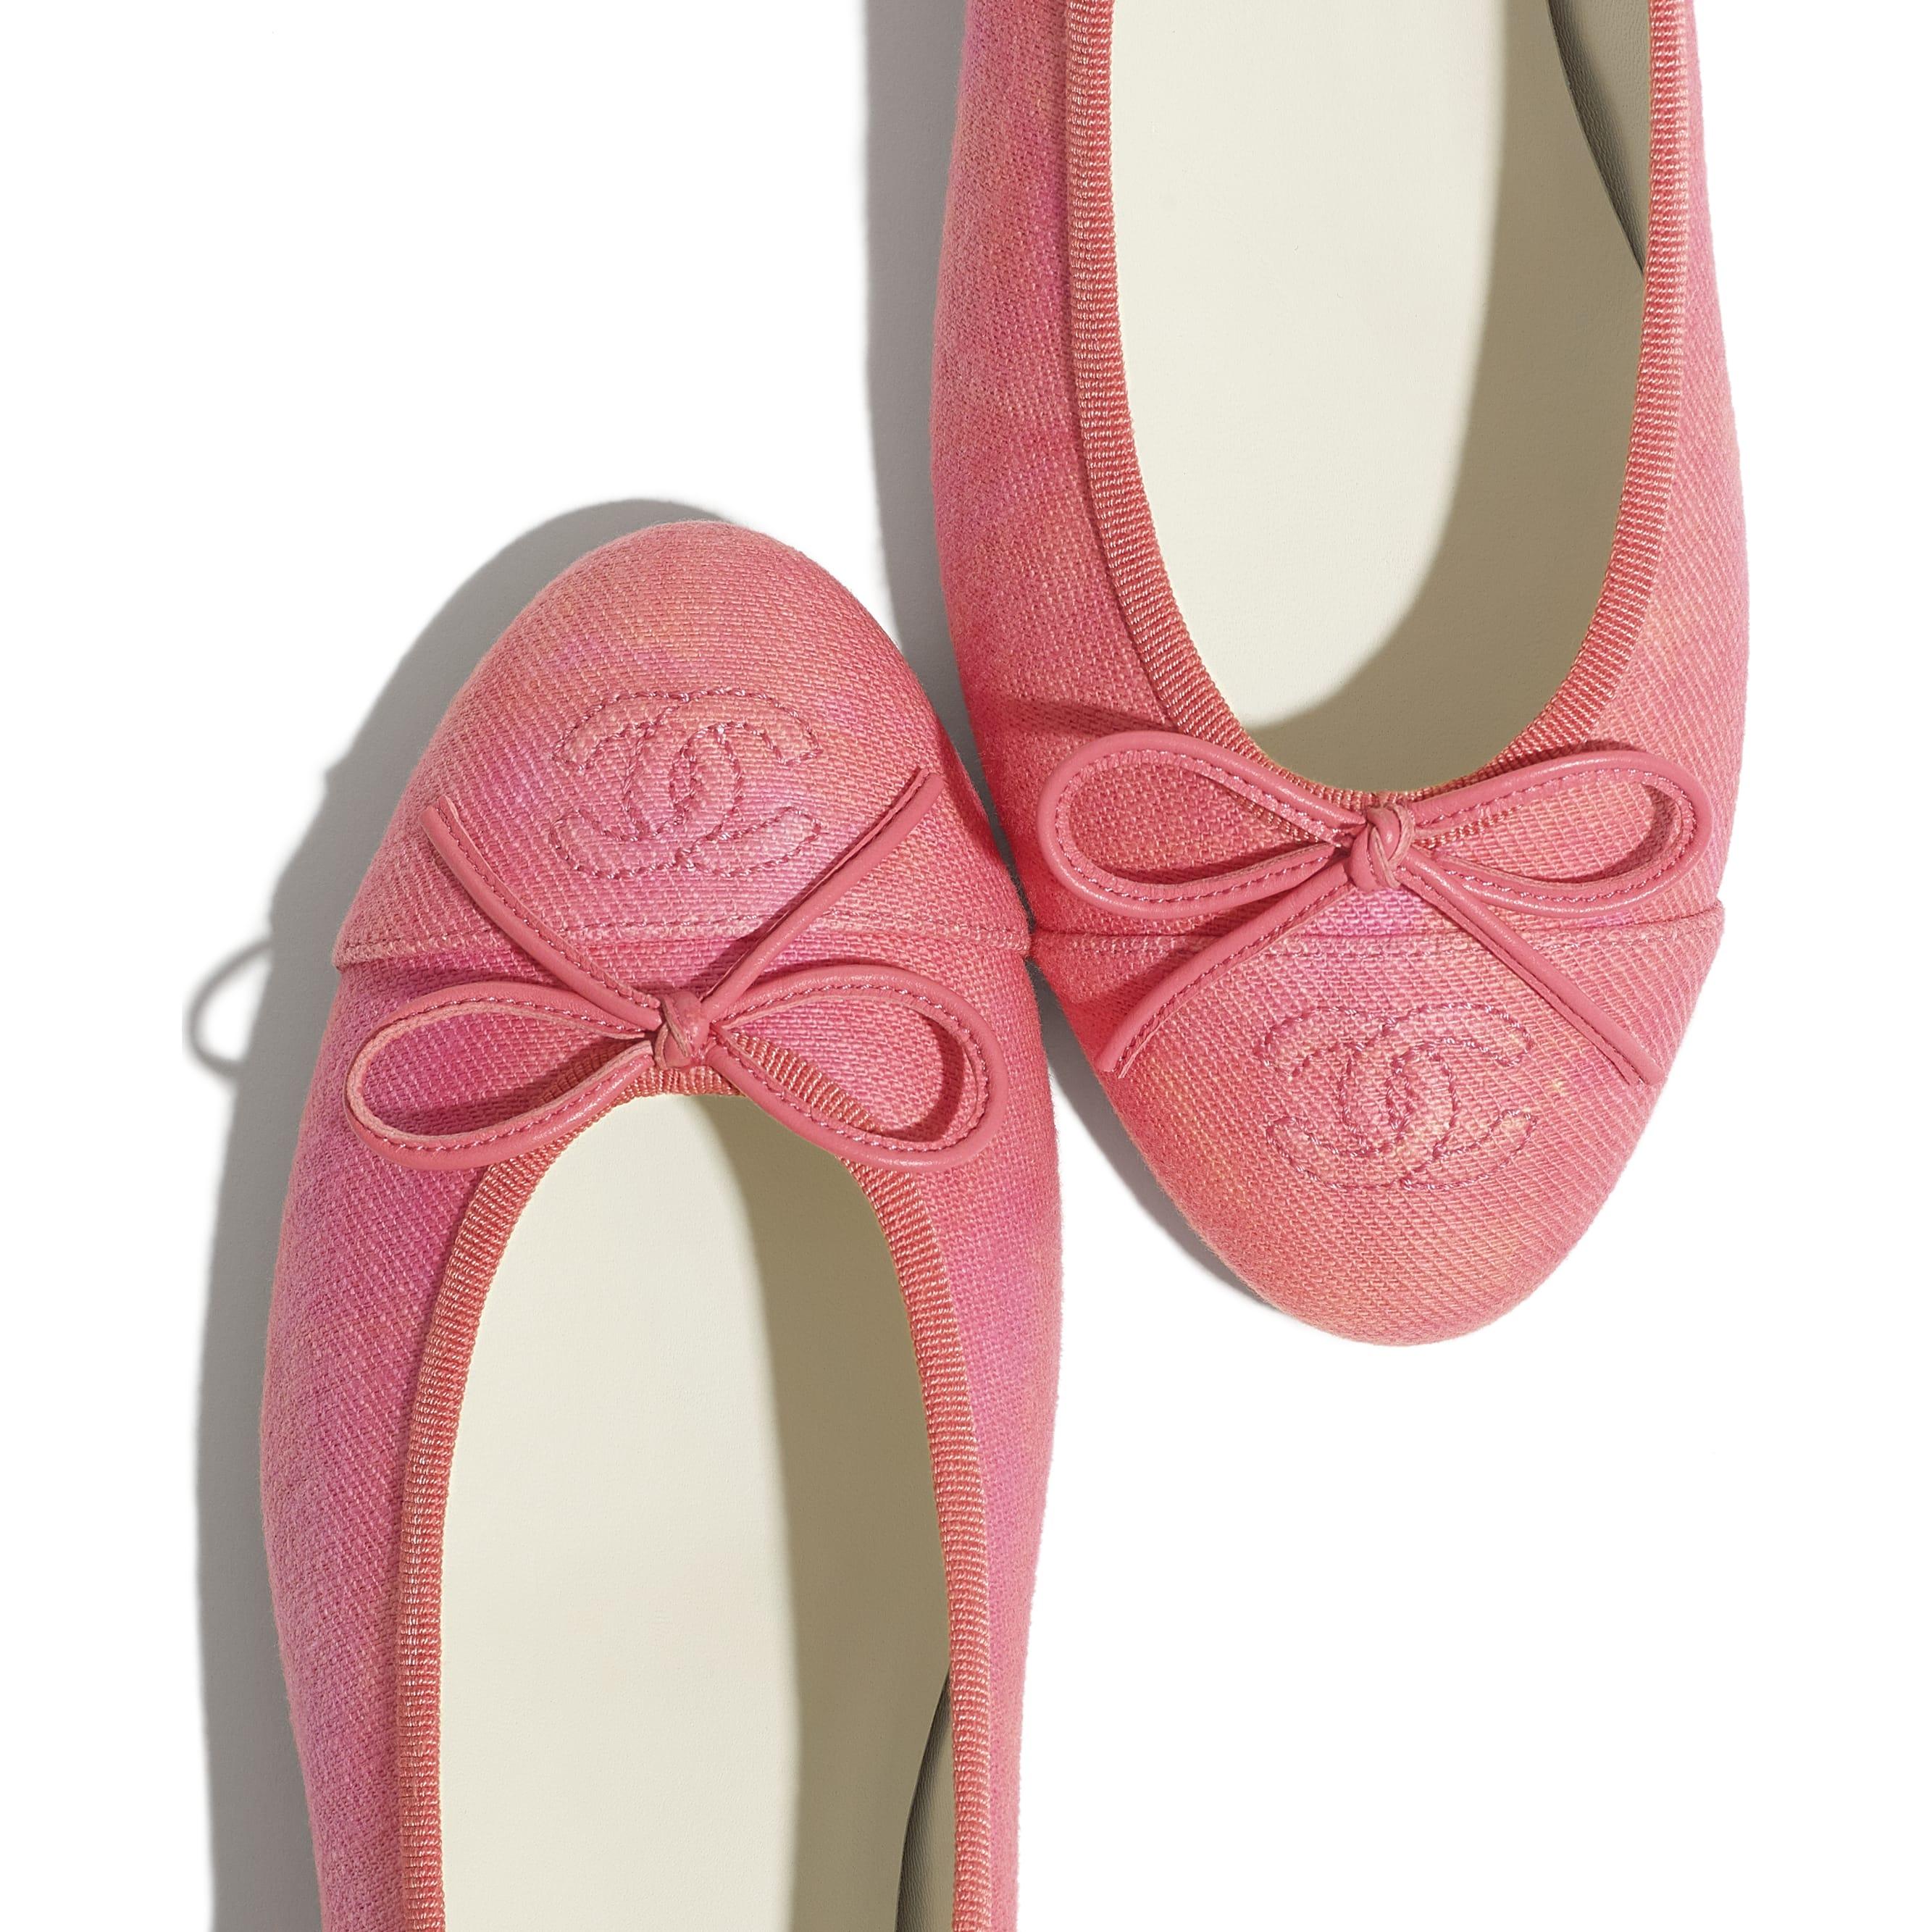 Ballerine - Corallo, rosa & arancione - Tessuto - CHANEL - Immagine extra - vedere versione standard